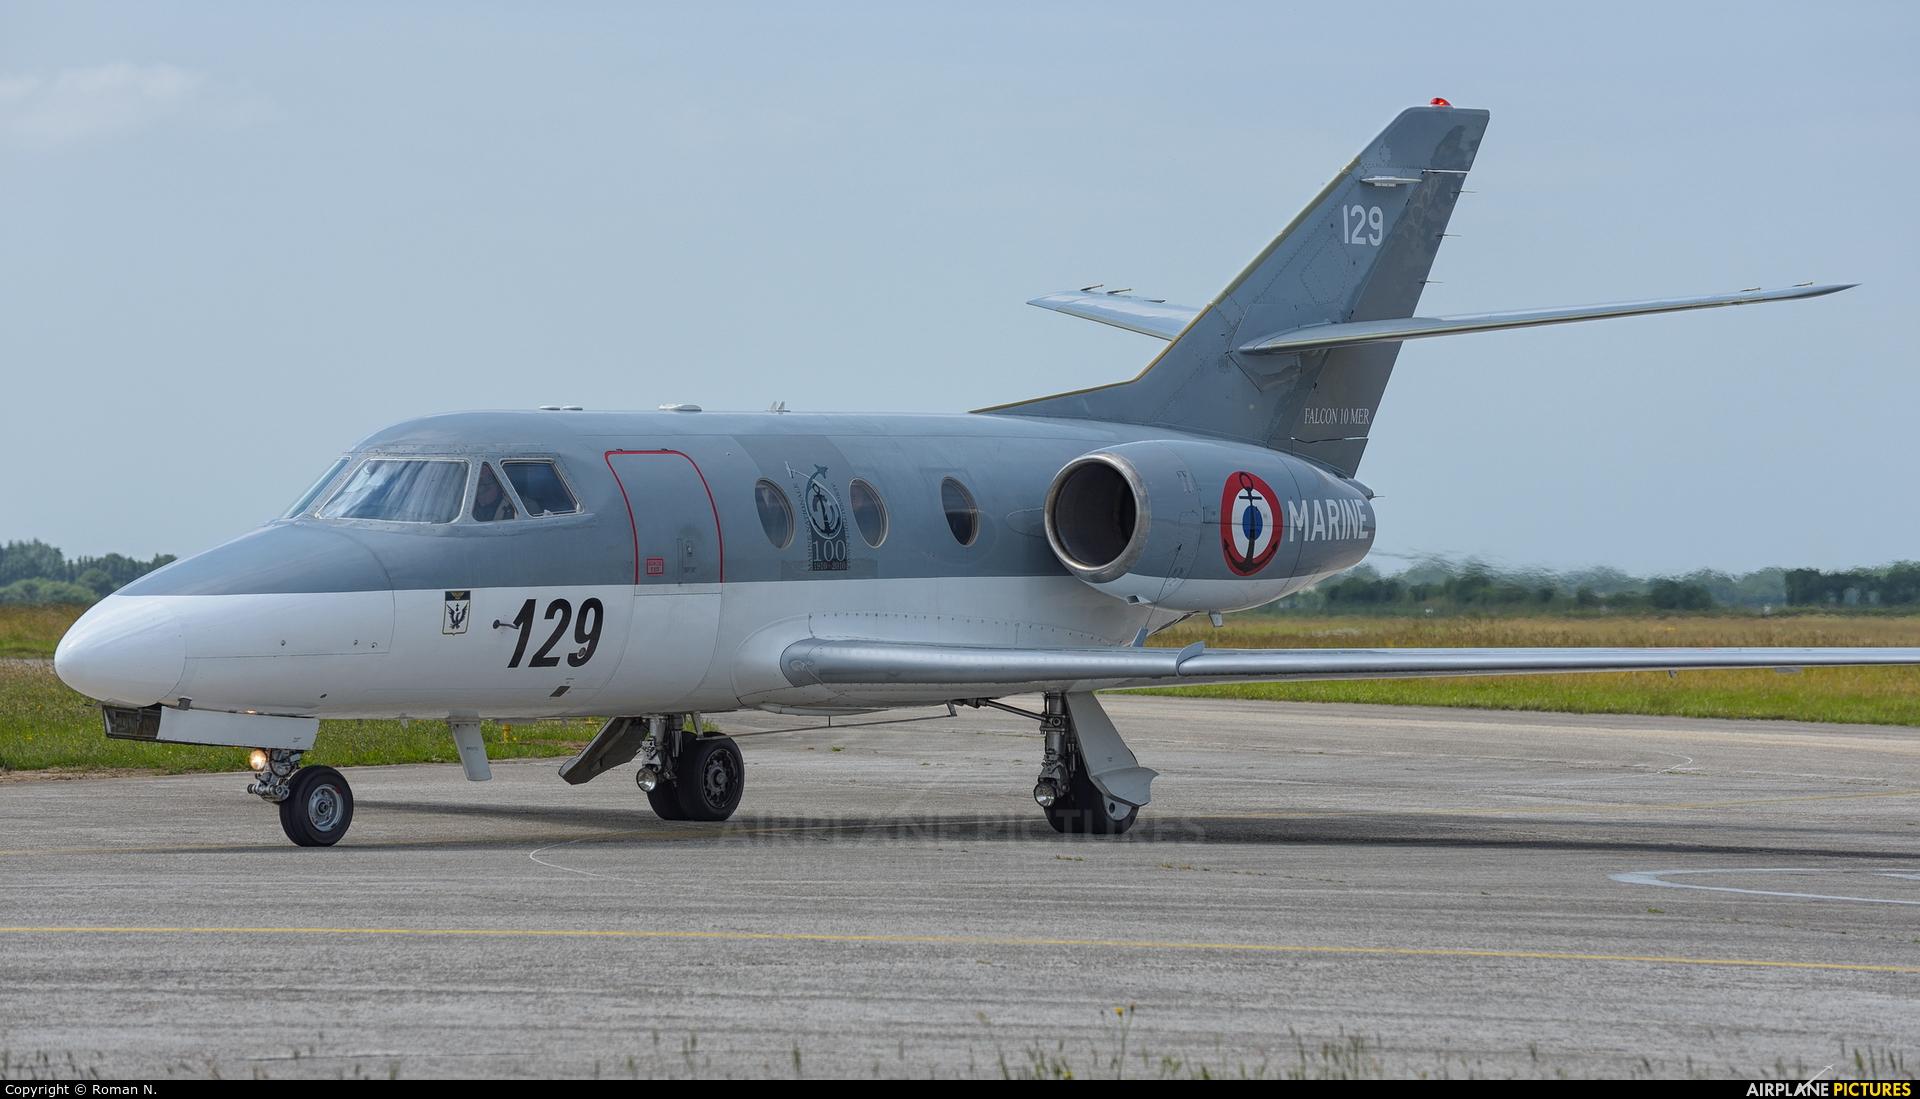 France - Navy 129 aircraft at Landivisiau